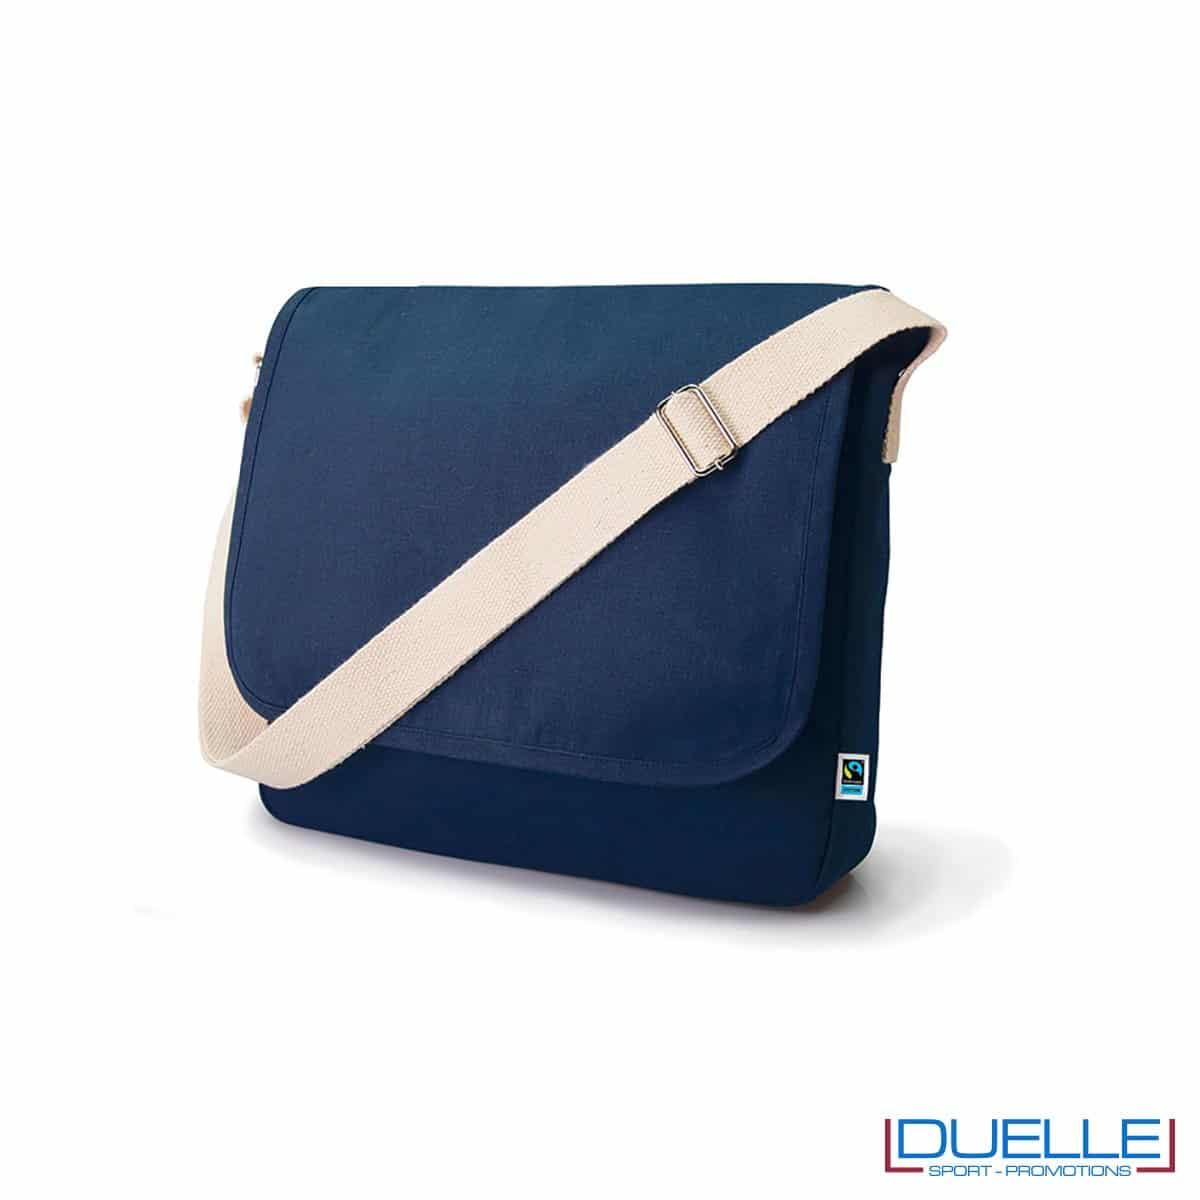 Borsa in cotone biologico OEKO-TEX® con tracolla colore blu navy